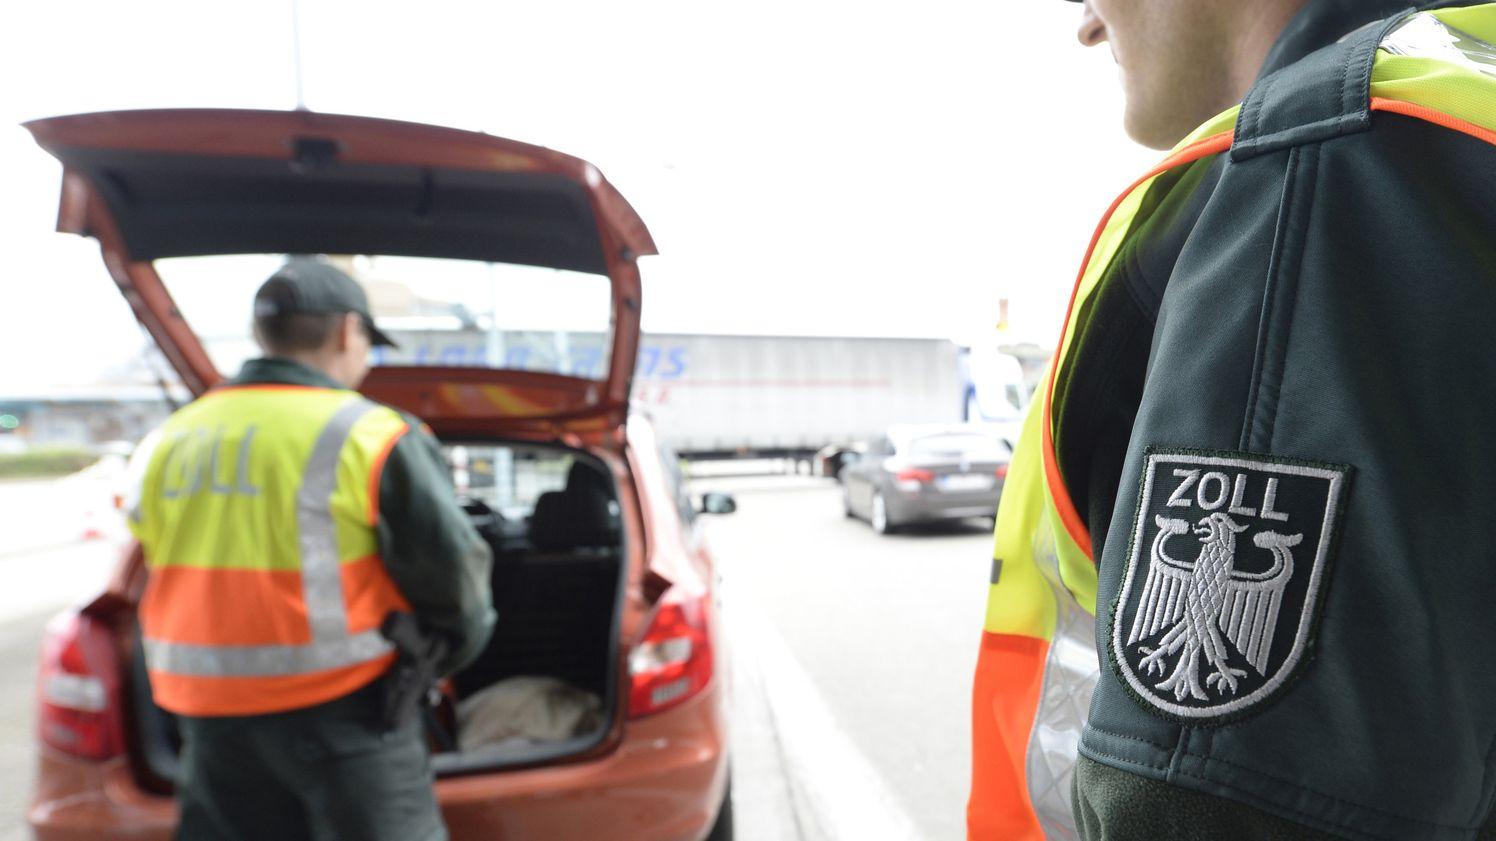 Zollkontrolle auf der Autobahn an der Schweizer Grenze